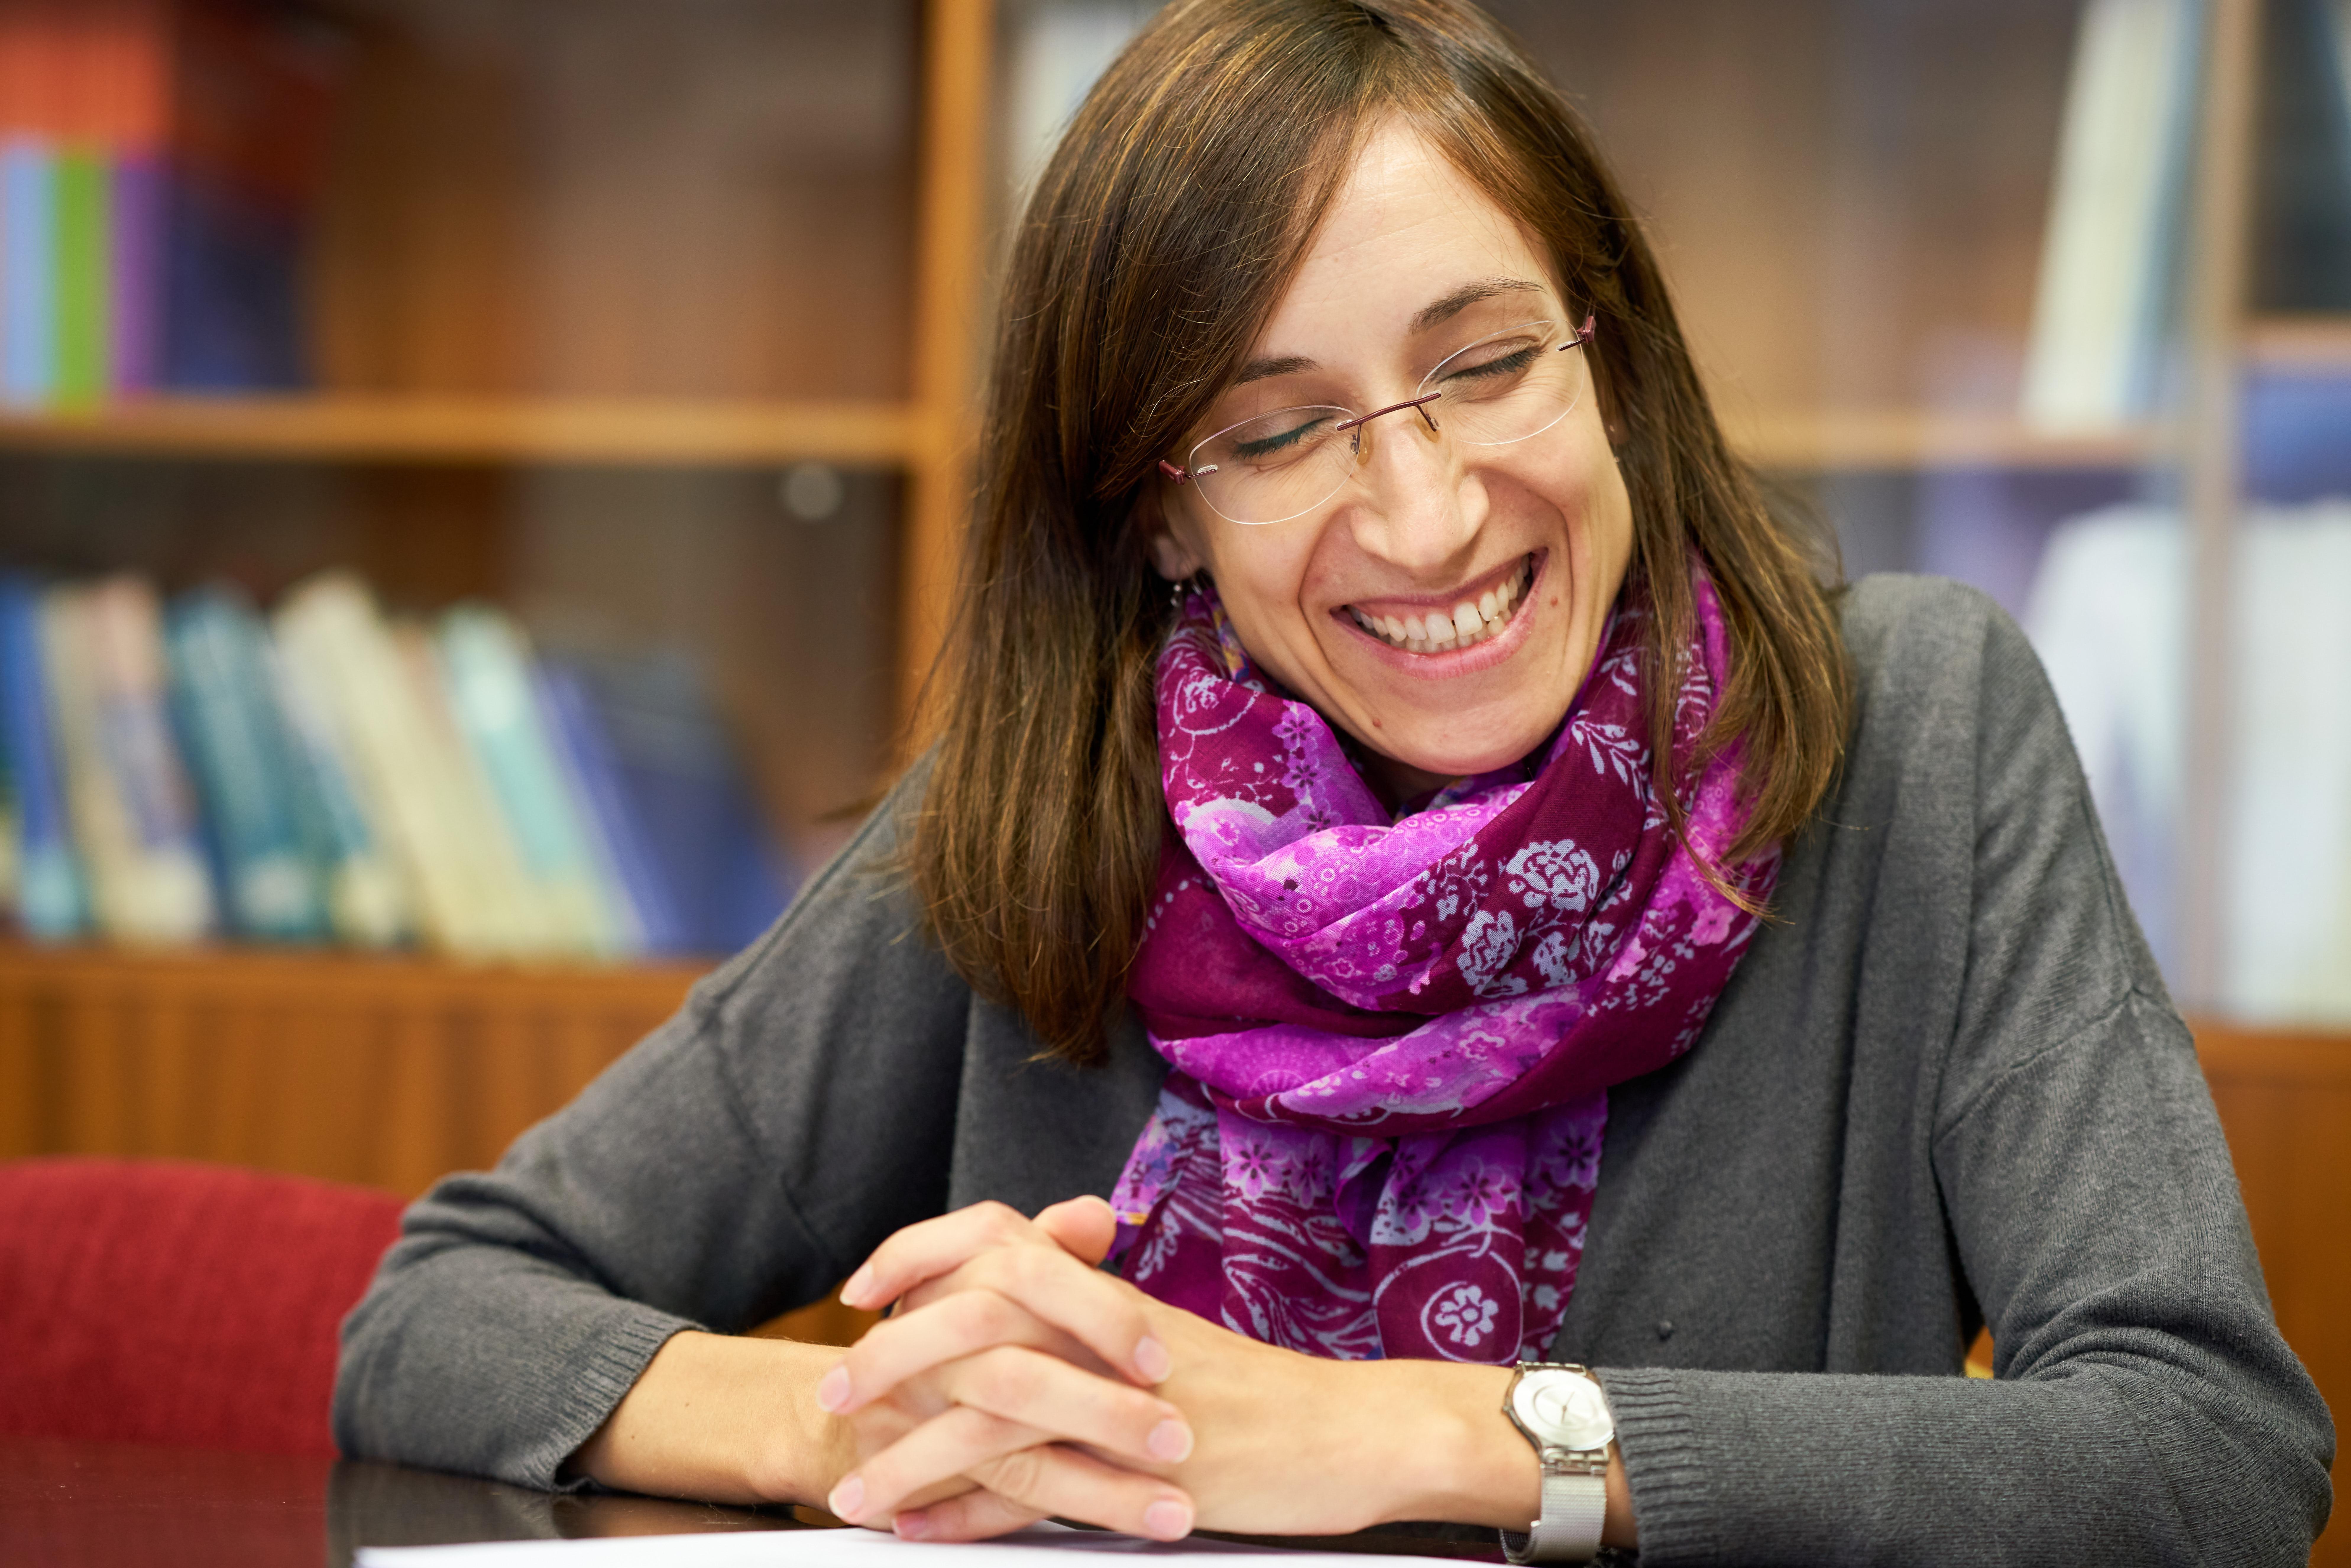 Una profesora de la Universidad de Salamanca lidera un estudio mundial sobre adicciones mediante el análisis de aguas residuales en 120 ciudades00003.jpg